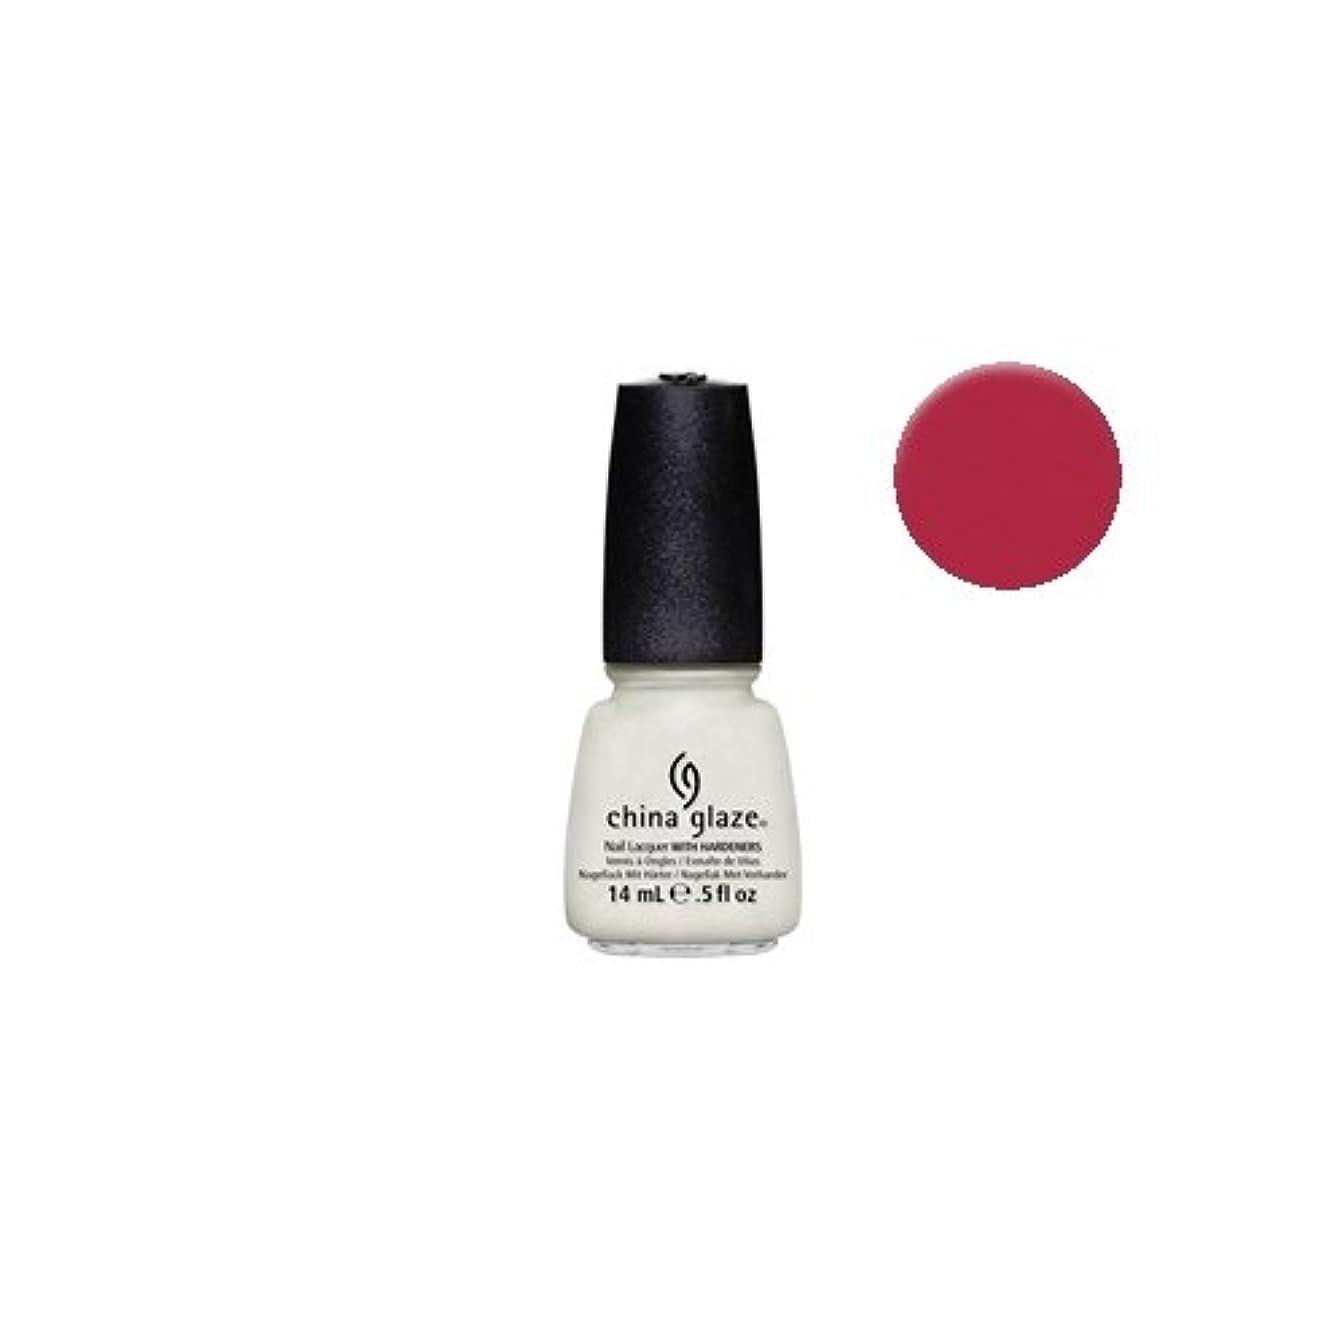 ベット開発否認するCHINA GLAZE Nail Lacquer - Avant Garden Collection - Passion For Petals